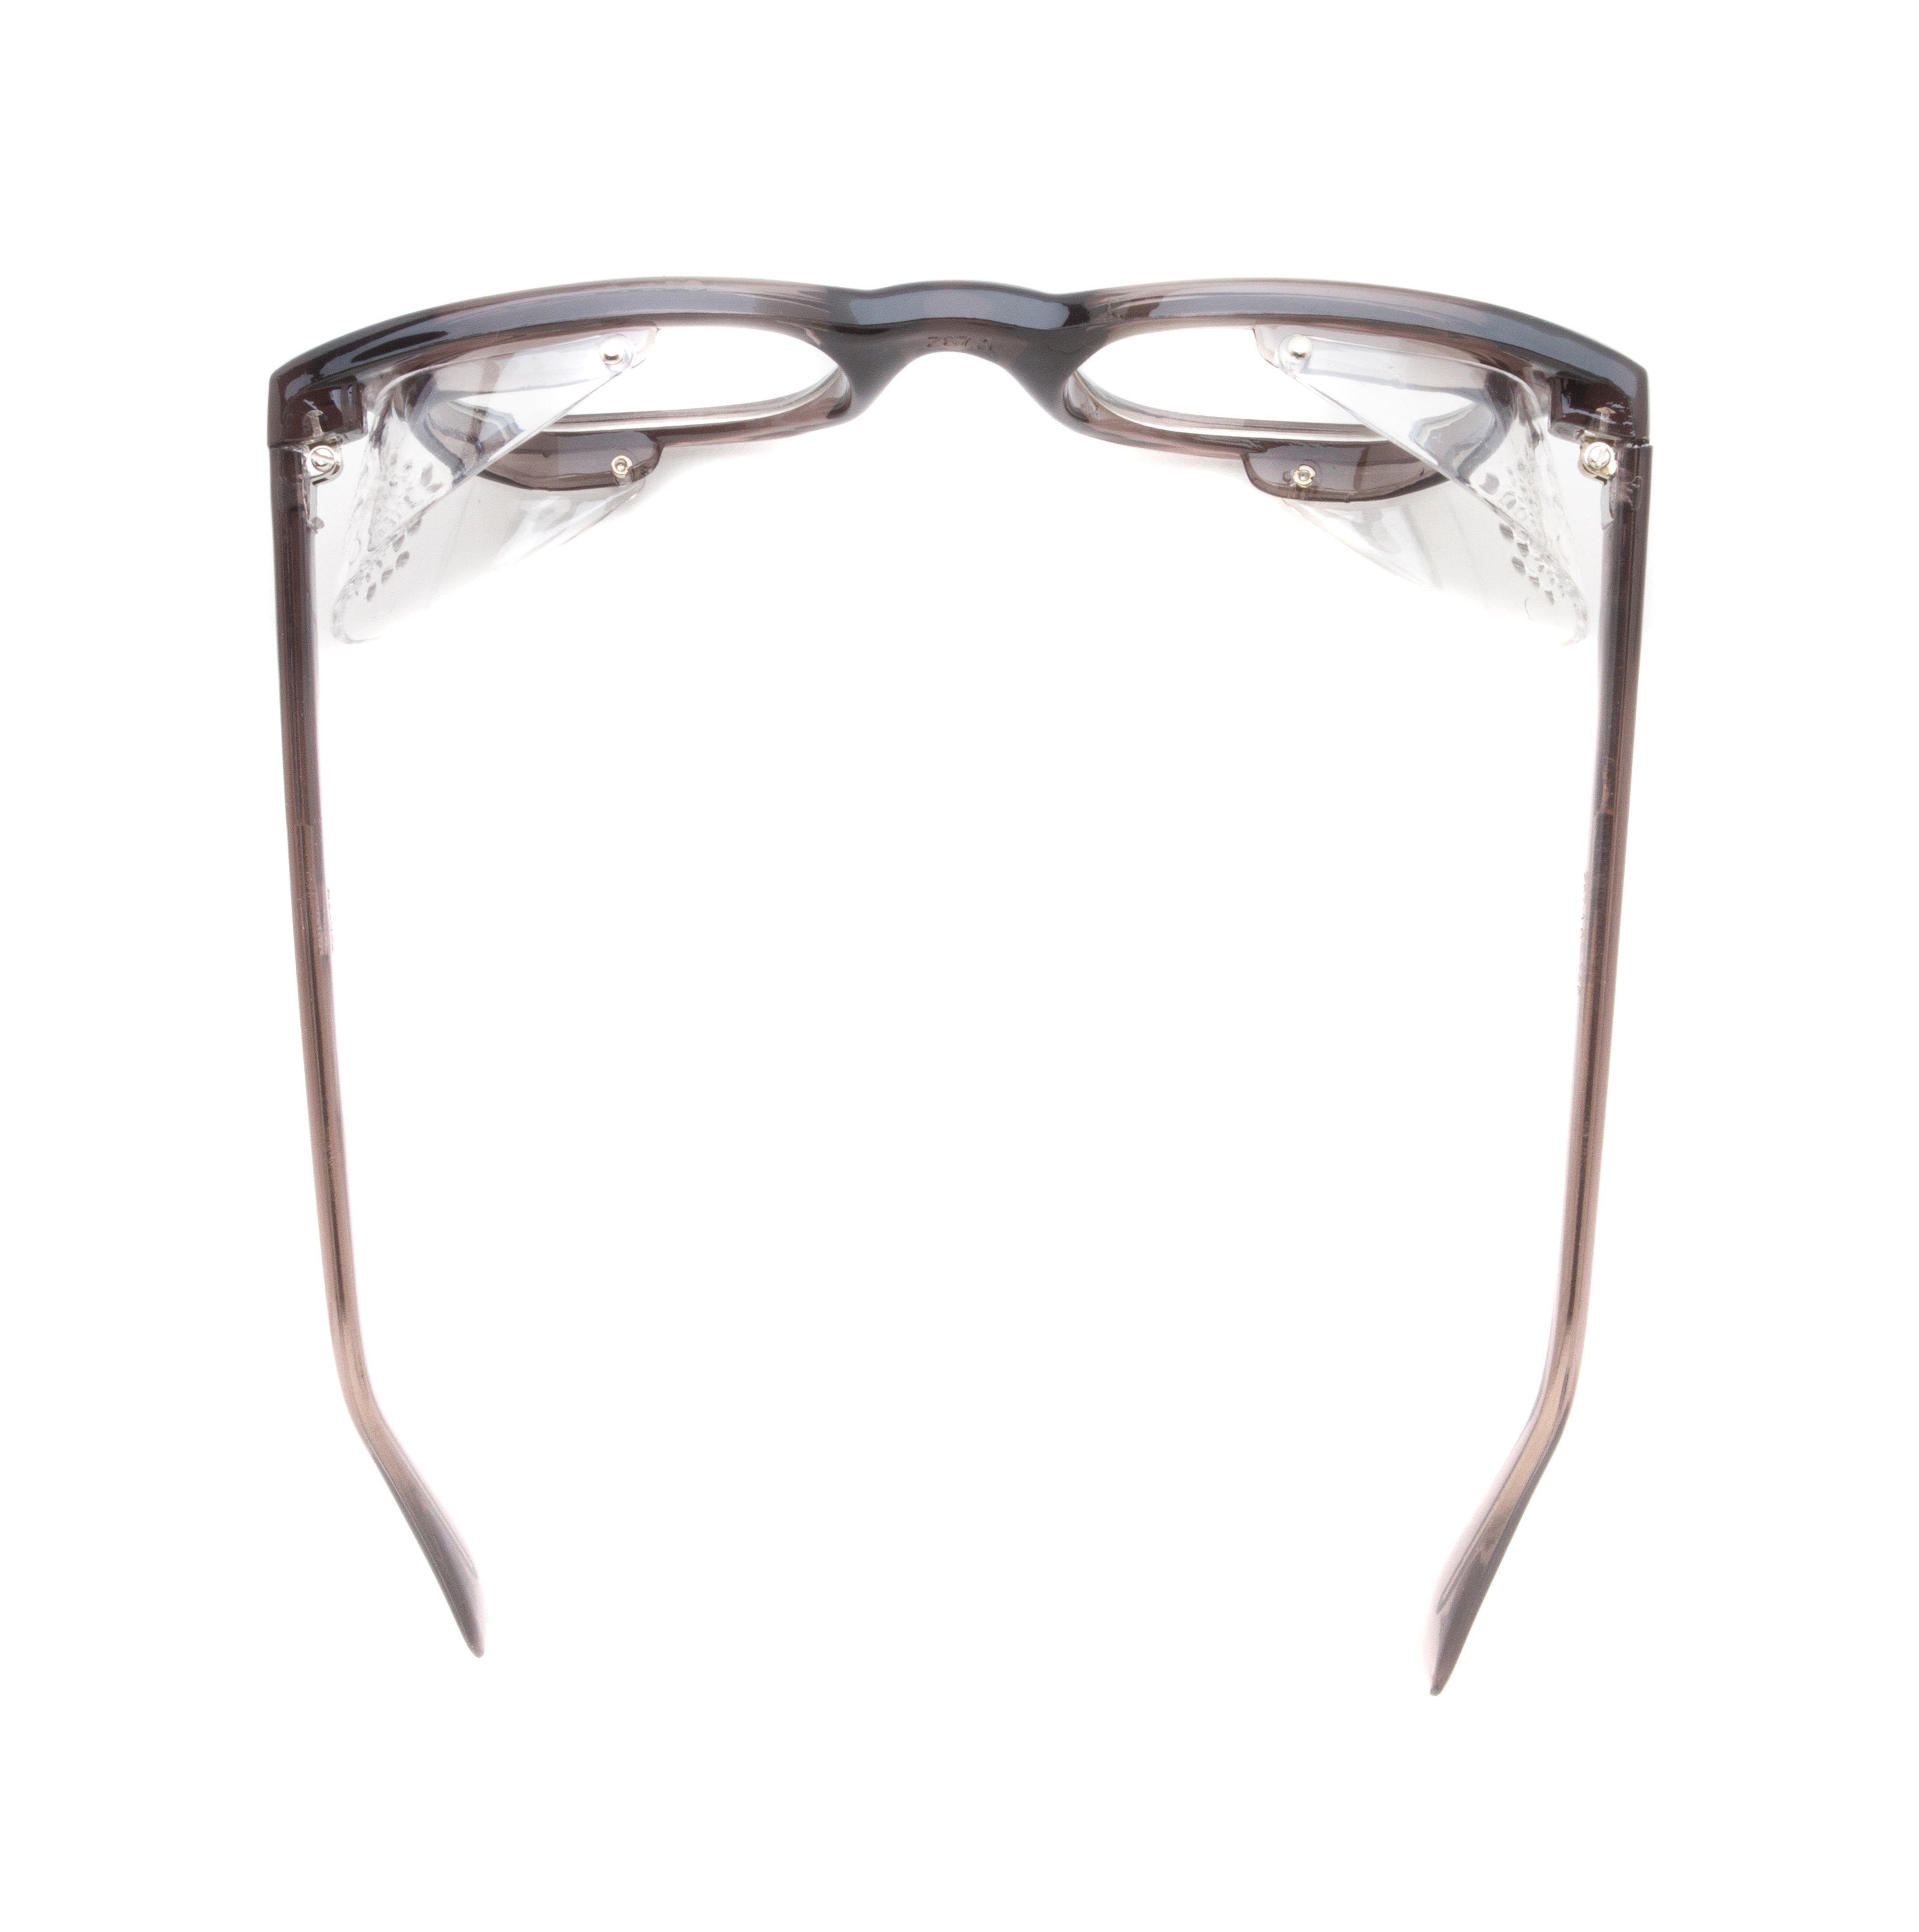 ca6bbd6e3533 Prescription Safety Glasses RX-70F - Prescription Safety Glasses ...